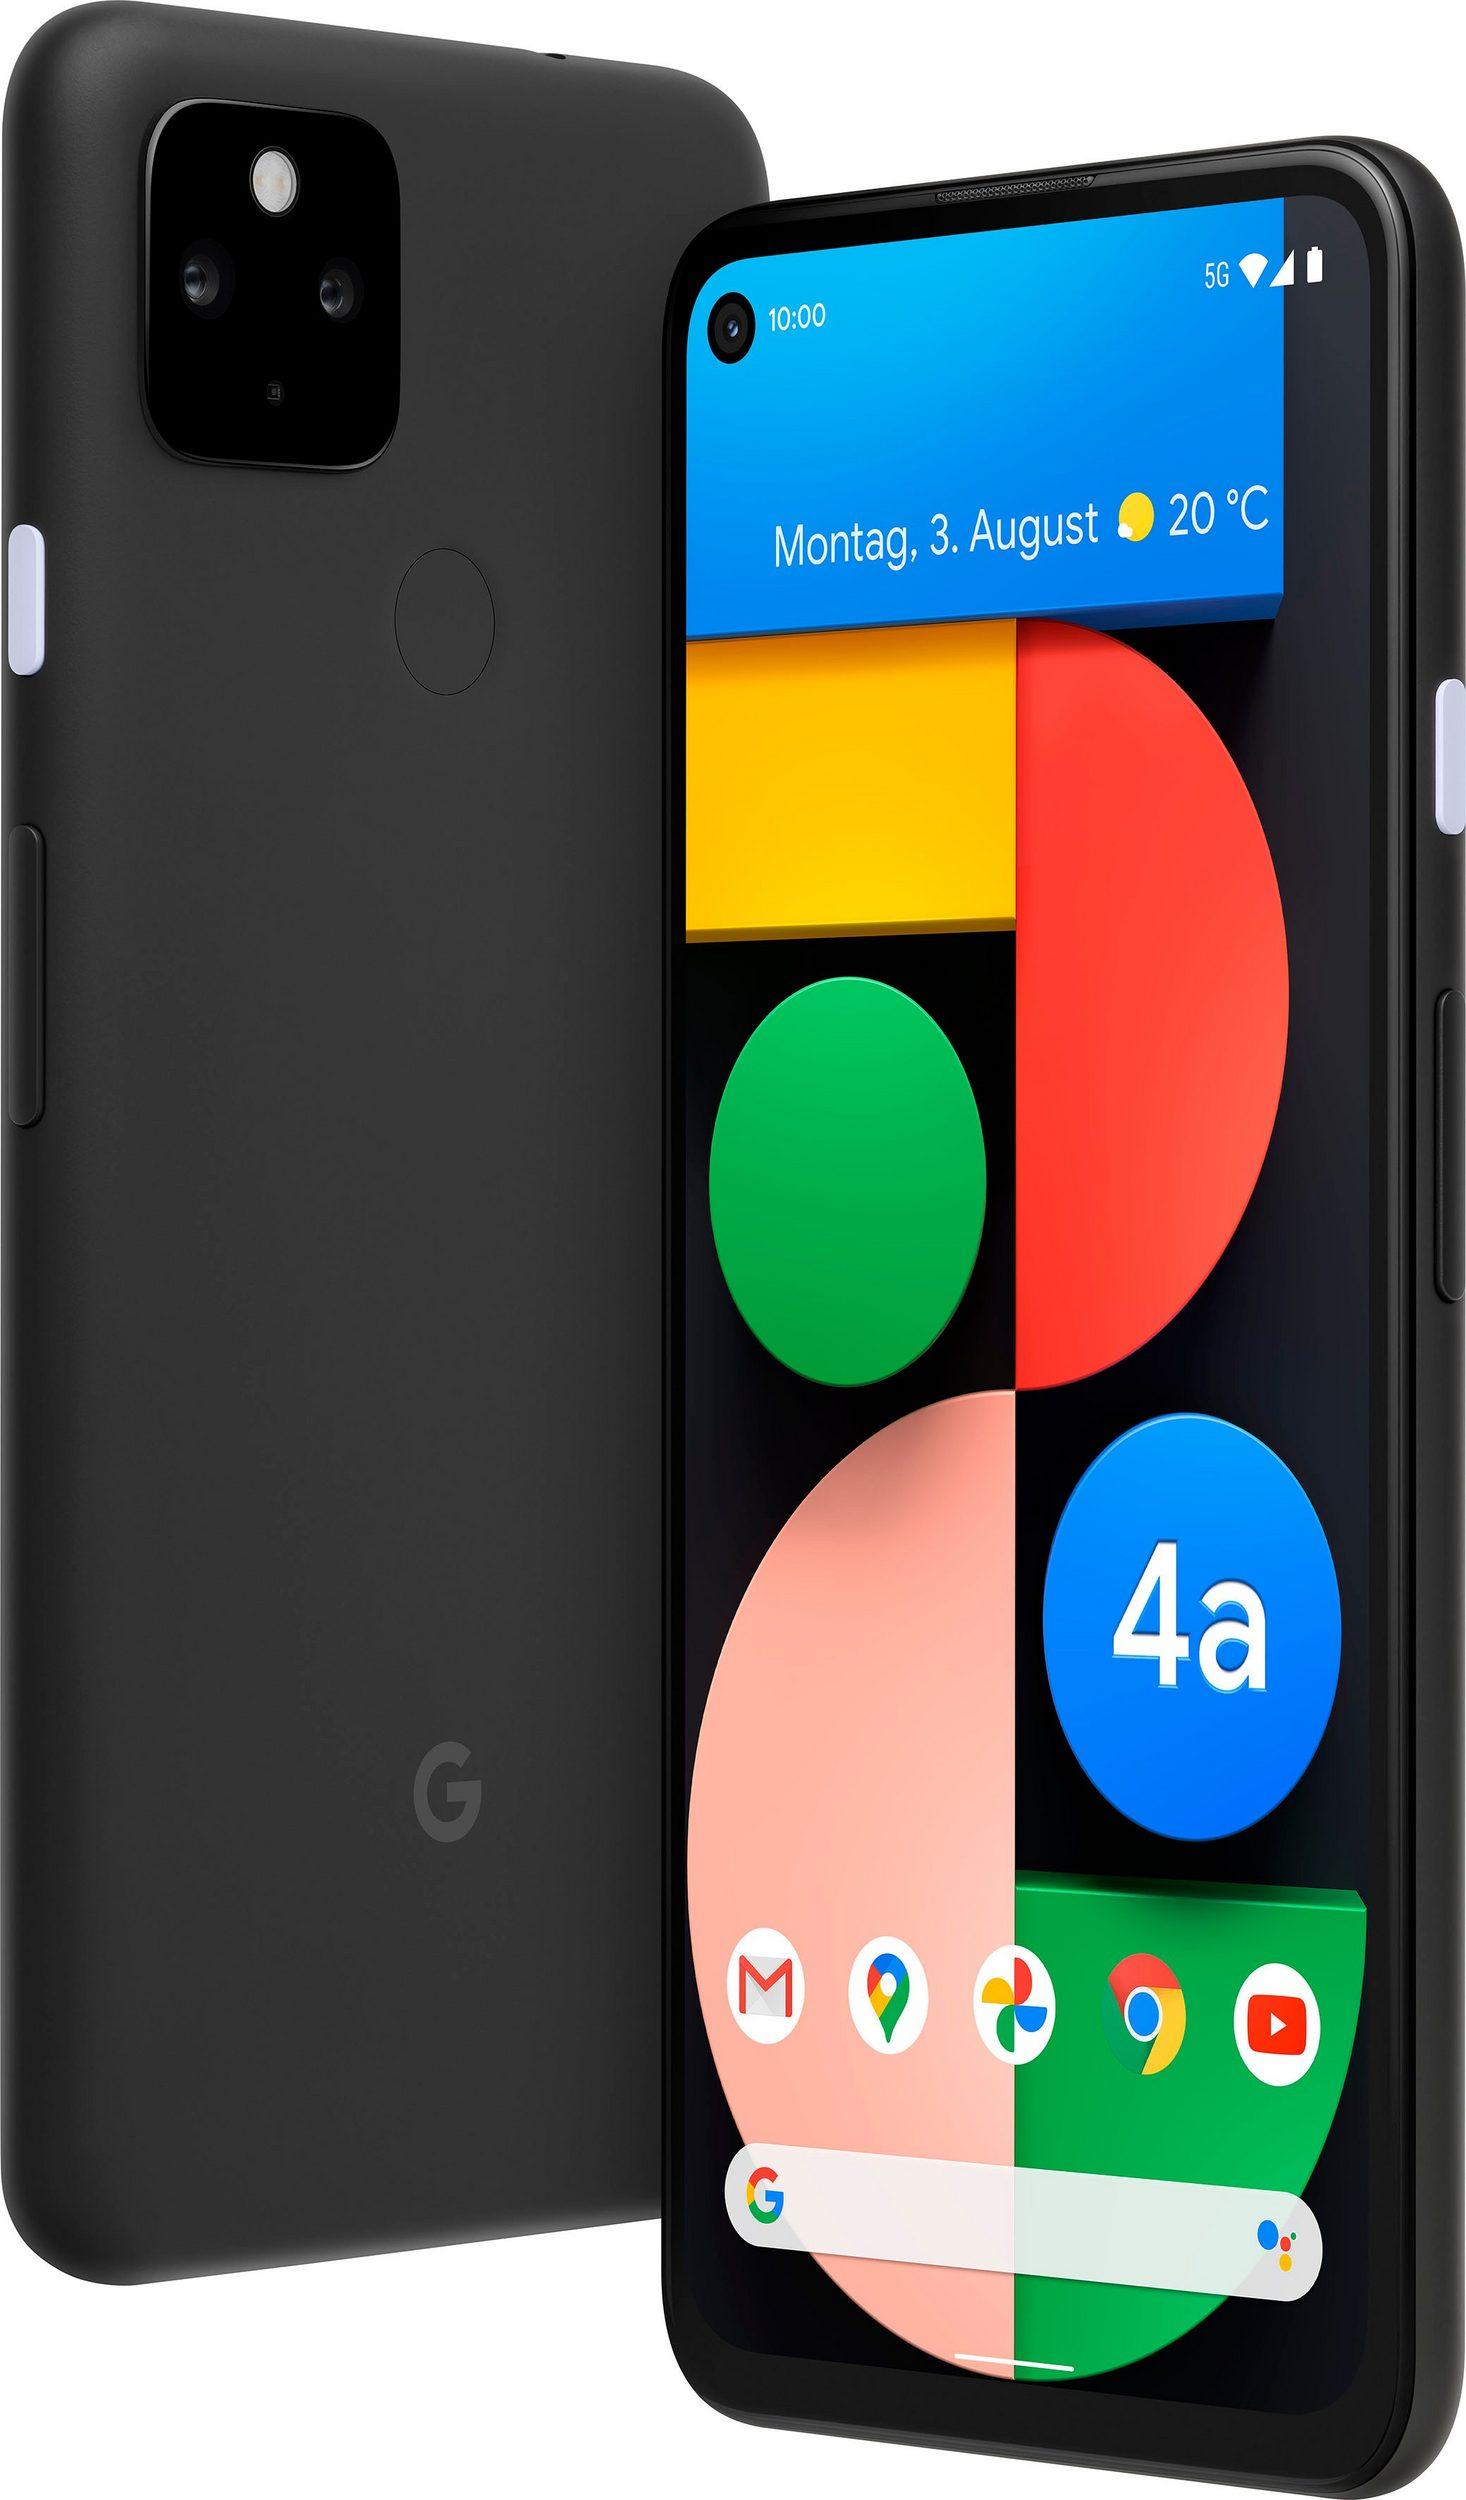 google pixel 4a 5g-comparison_table-m-1